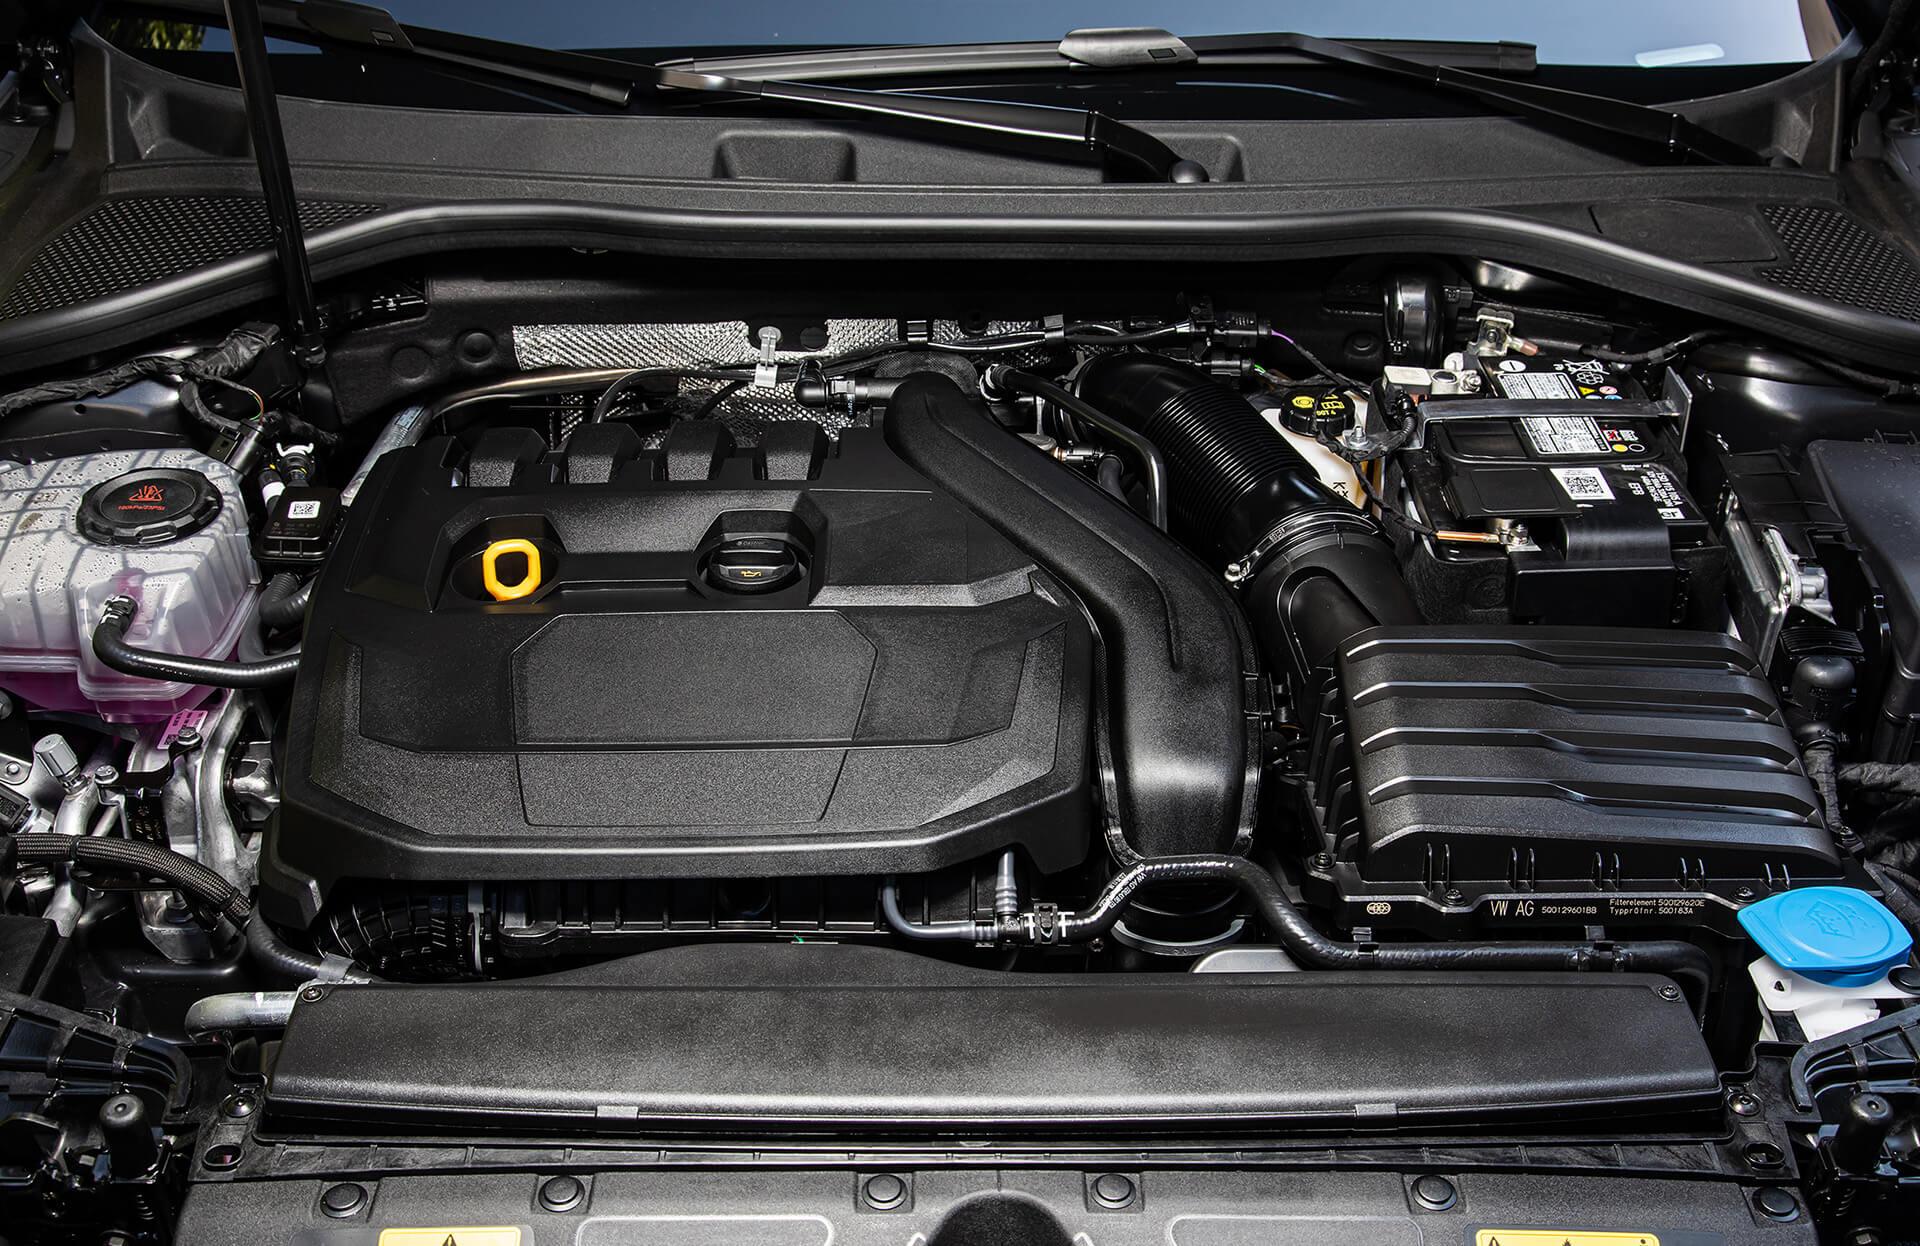 Νέο Audi A3 Sportback - Κινητήρας